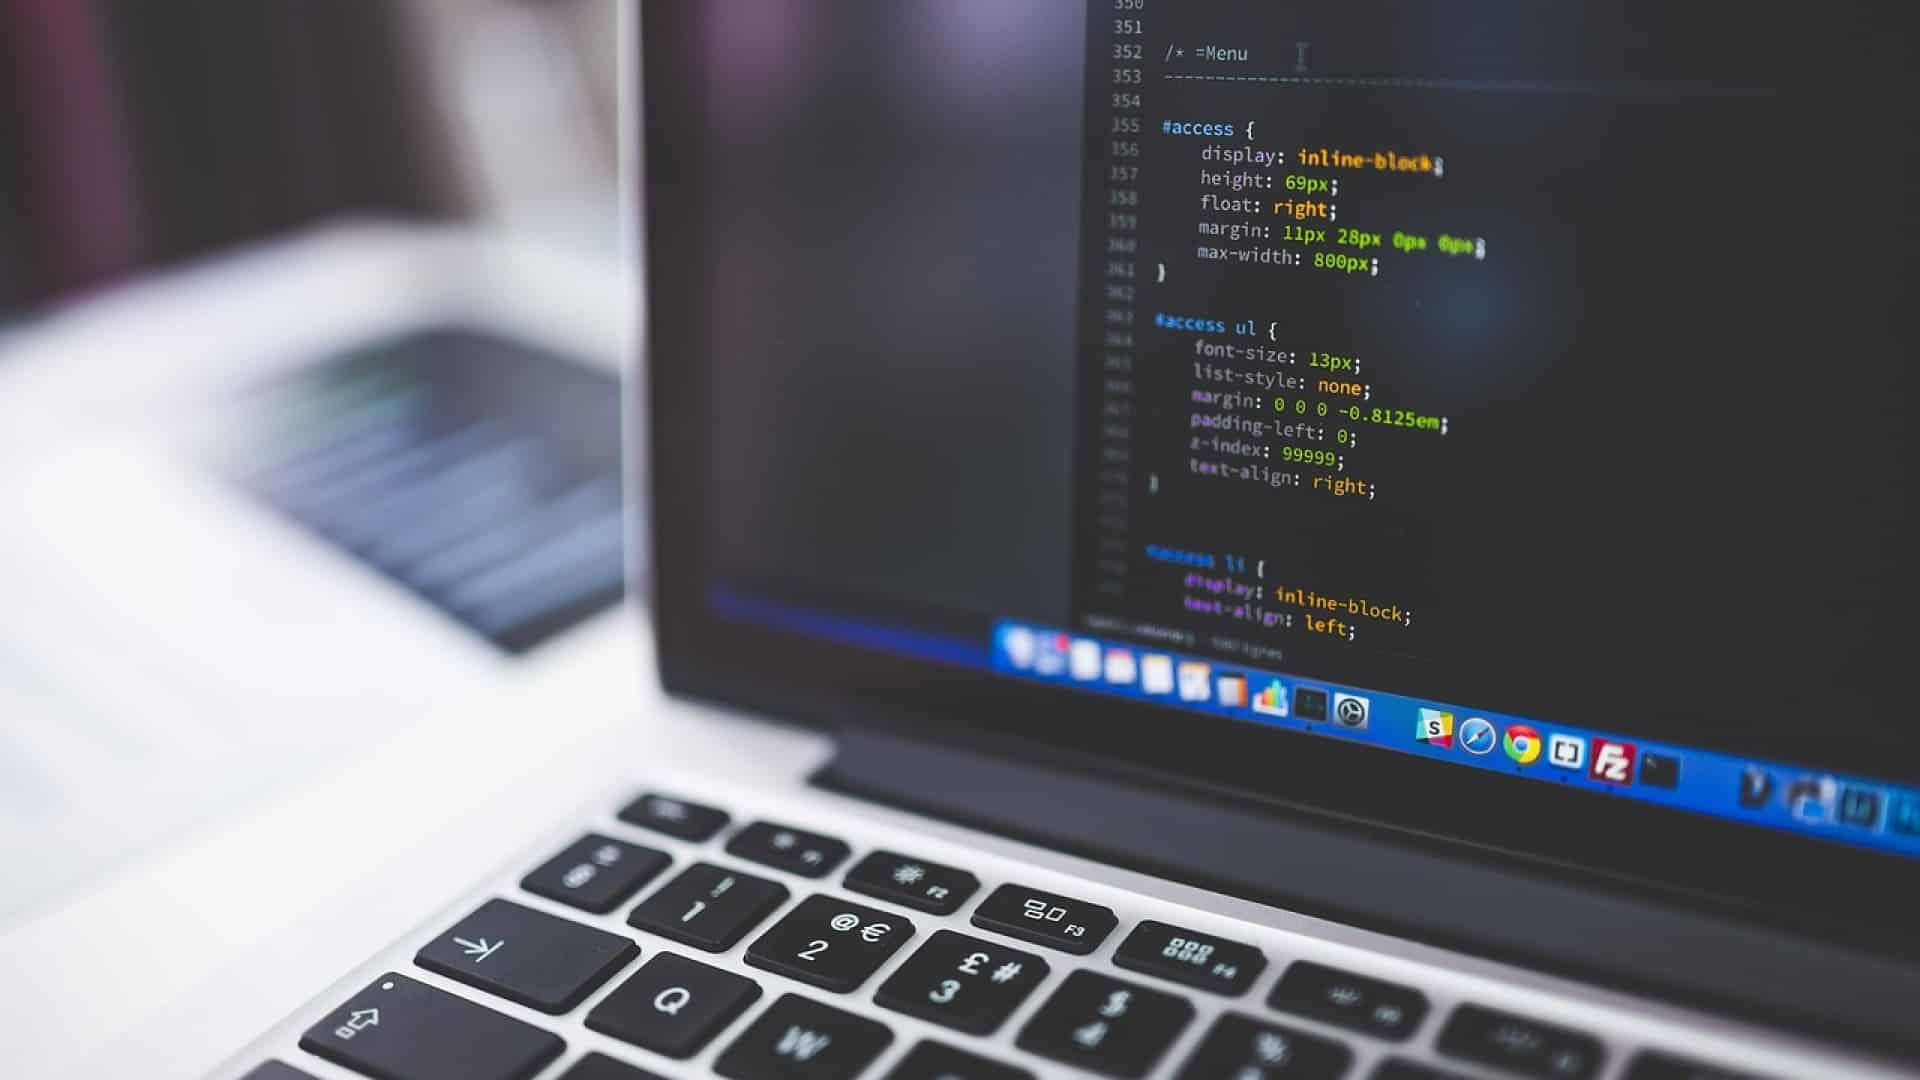 Choisissez un logiciel PDP grâce à la dématérialisation